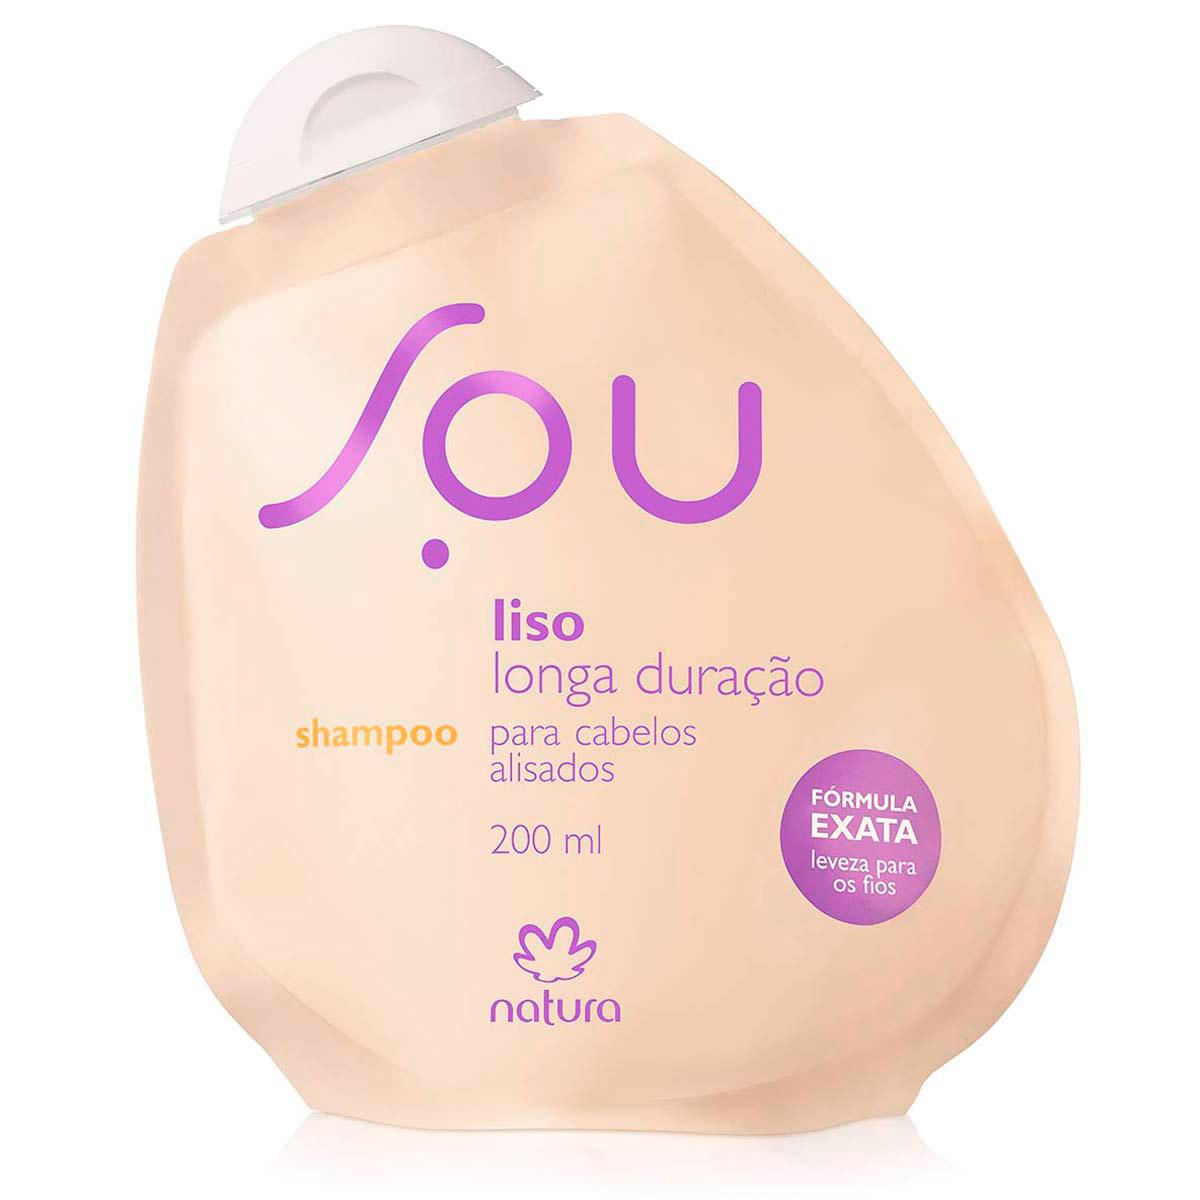 Shampoo Liso Longa Duração SOU - 200ml - 63979